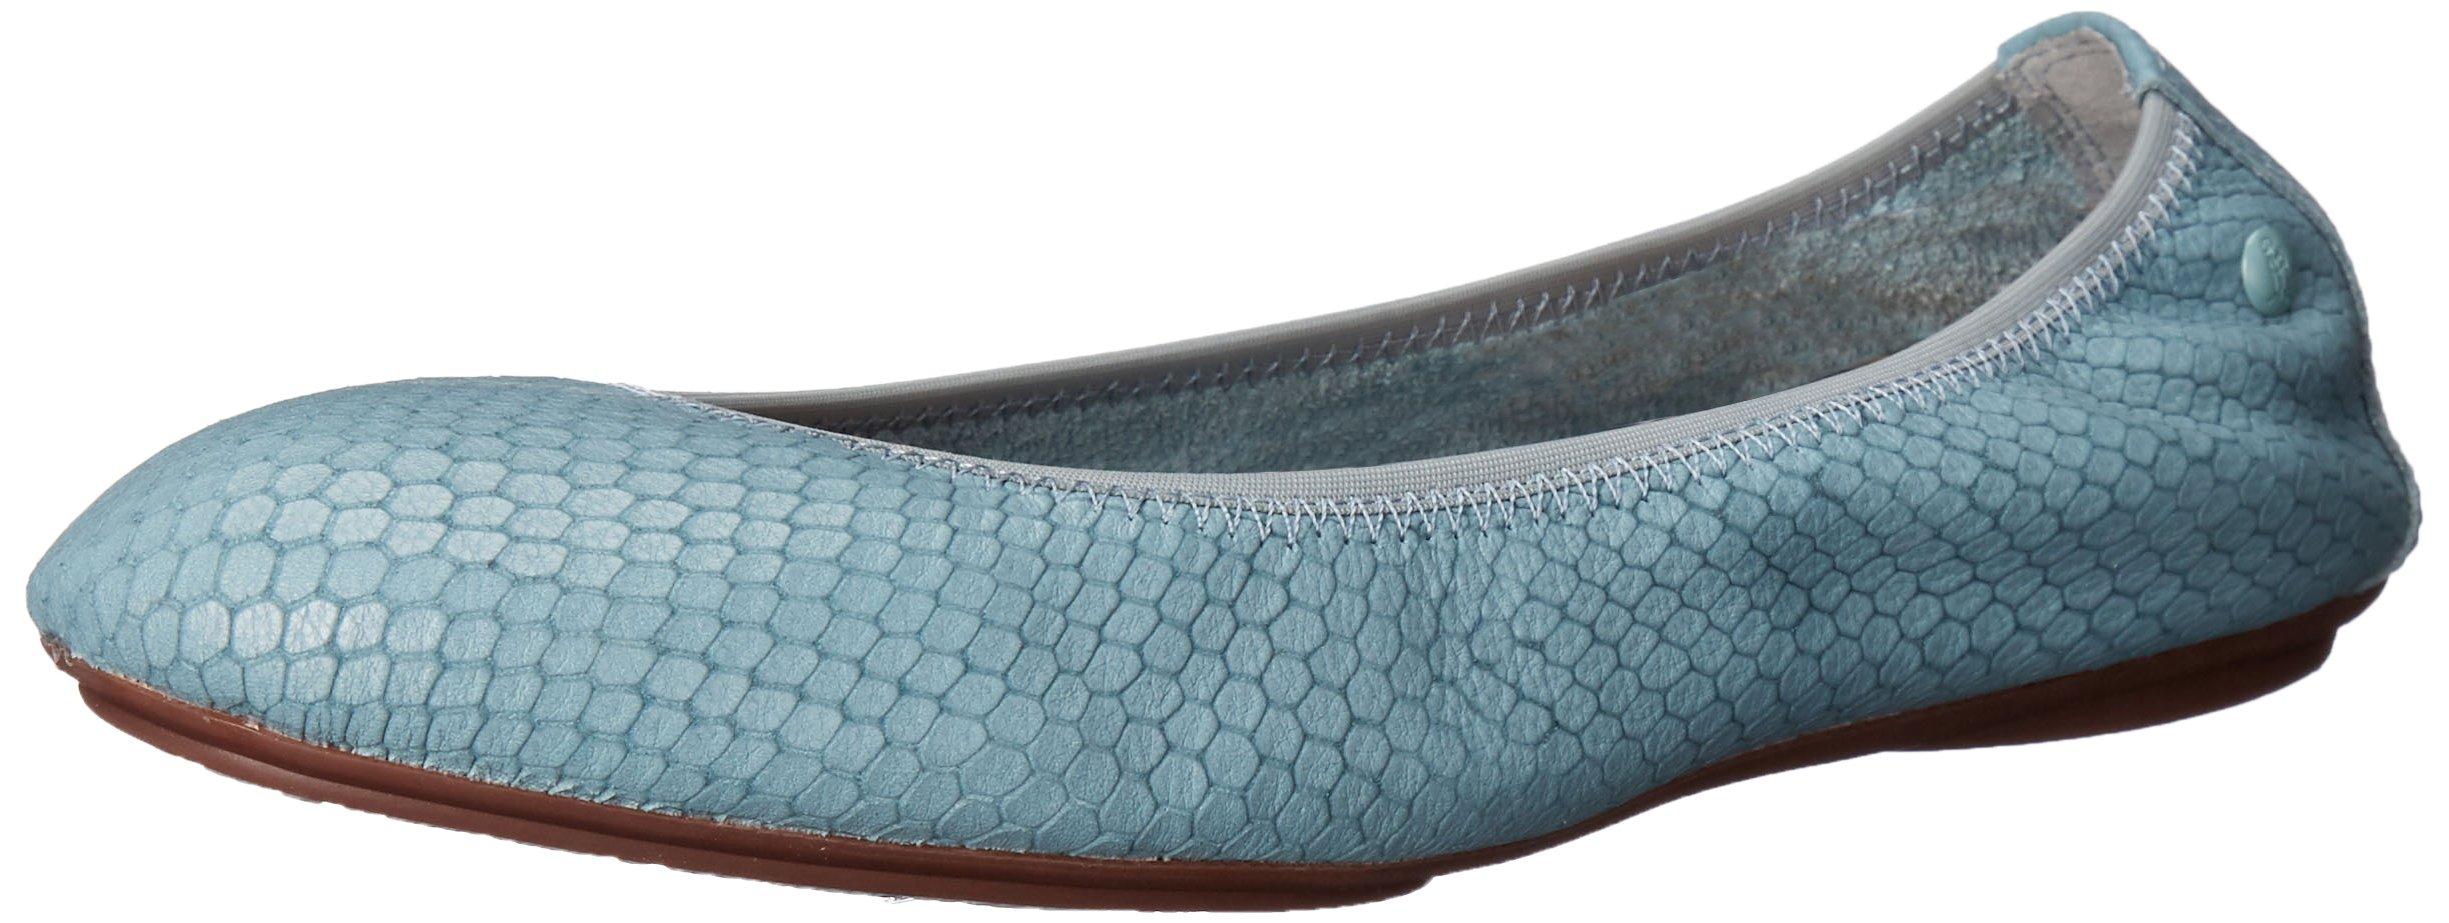 Hush Puppies Women's Chaste Ballet Slip-On Loafer, Slate Blue Embossed Leather, 5.5 E US